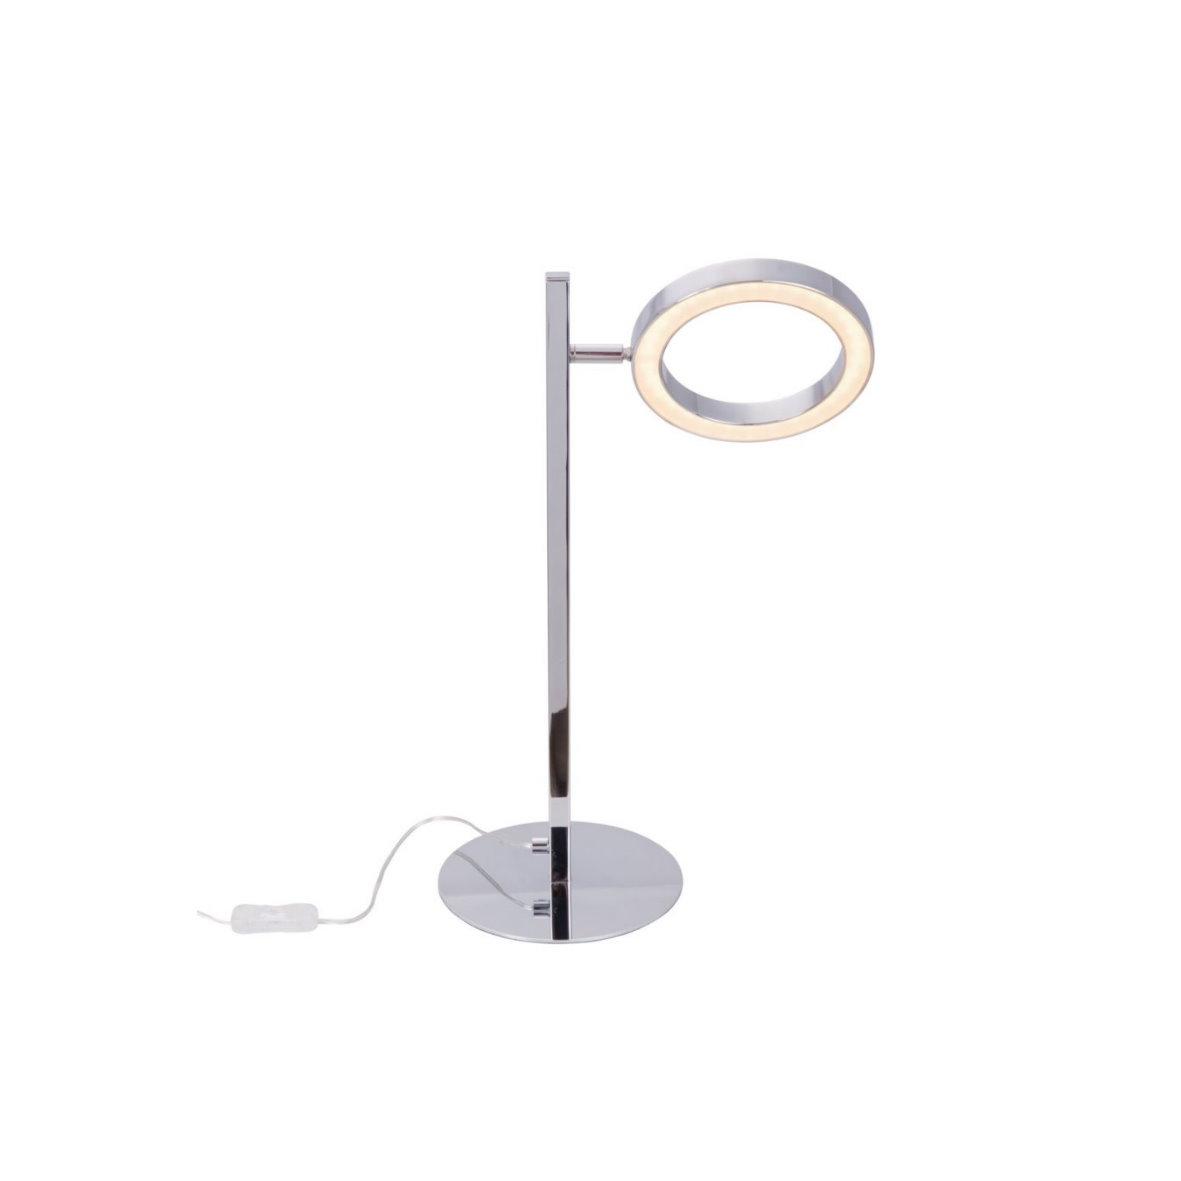 led design leuchte serie strahler spot lampe decke deckenleuchte pendel tisch ebay. Black Bedroom Furniture Sets. Home Design Ideas